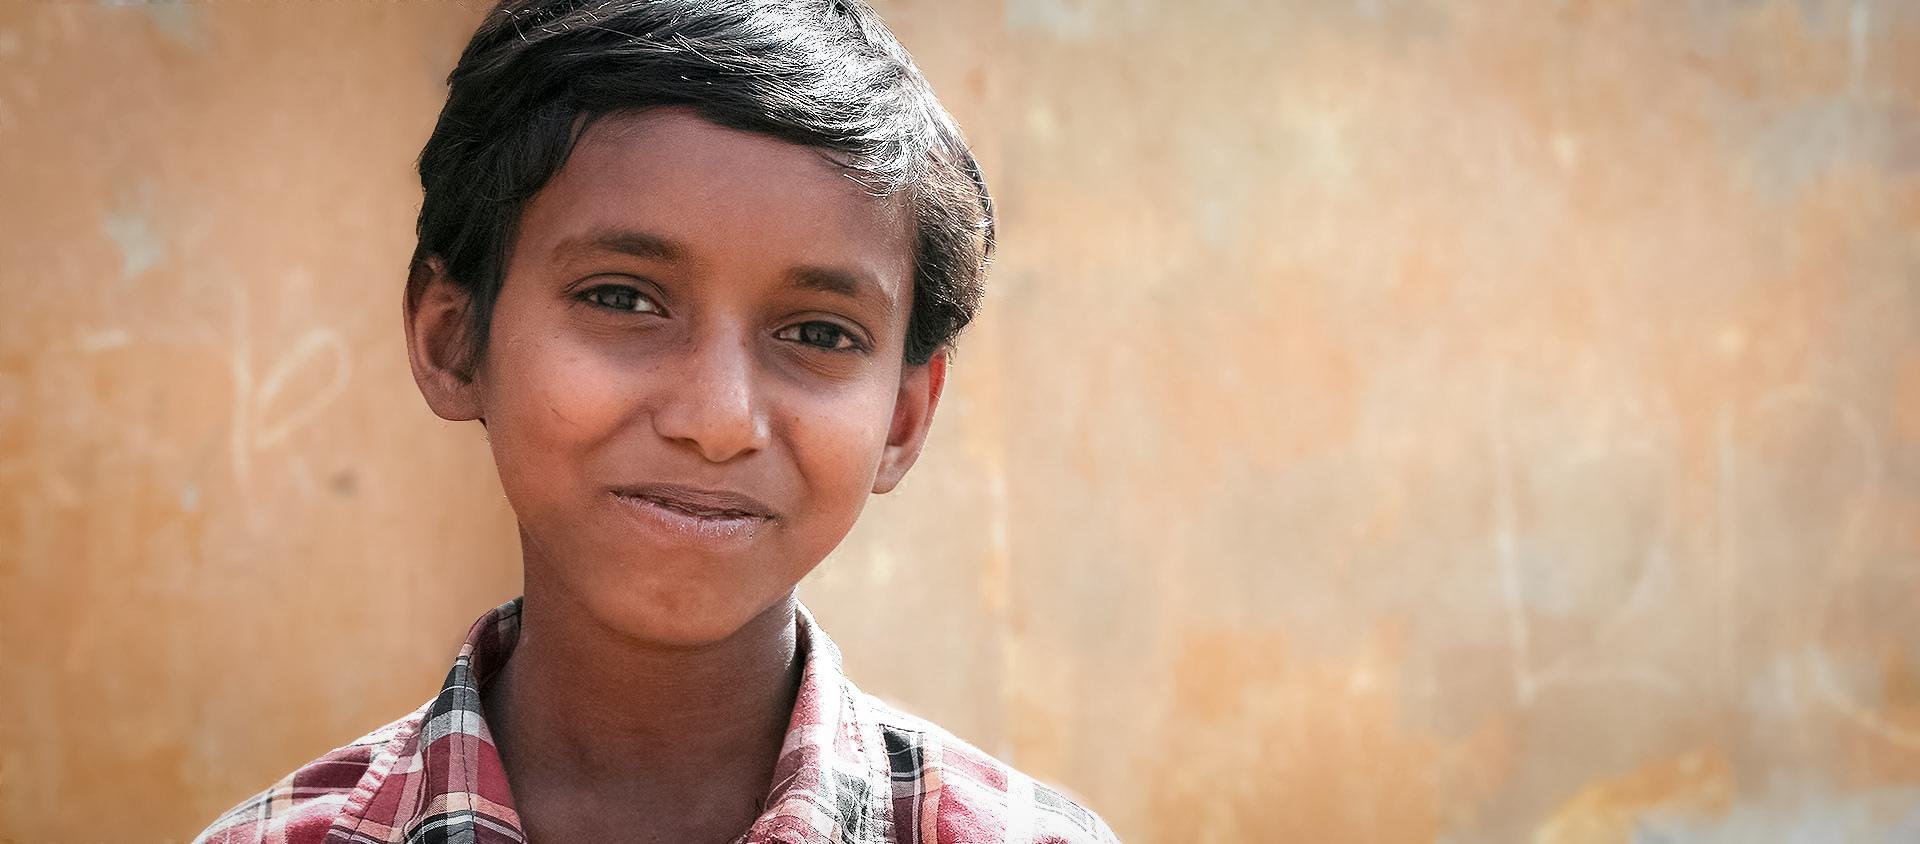 Sakir bor tillsammans med sin familj i utkanten av Indiens huvudstad New Delhi. De bor i stadens fattigaste delar, i slummen.